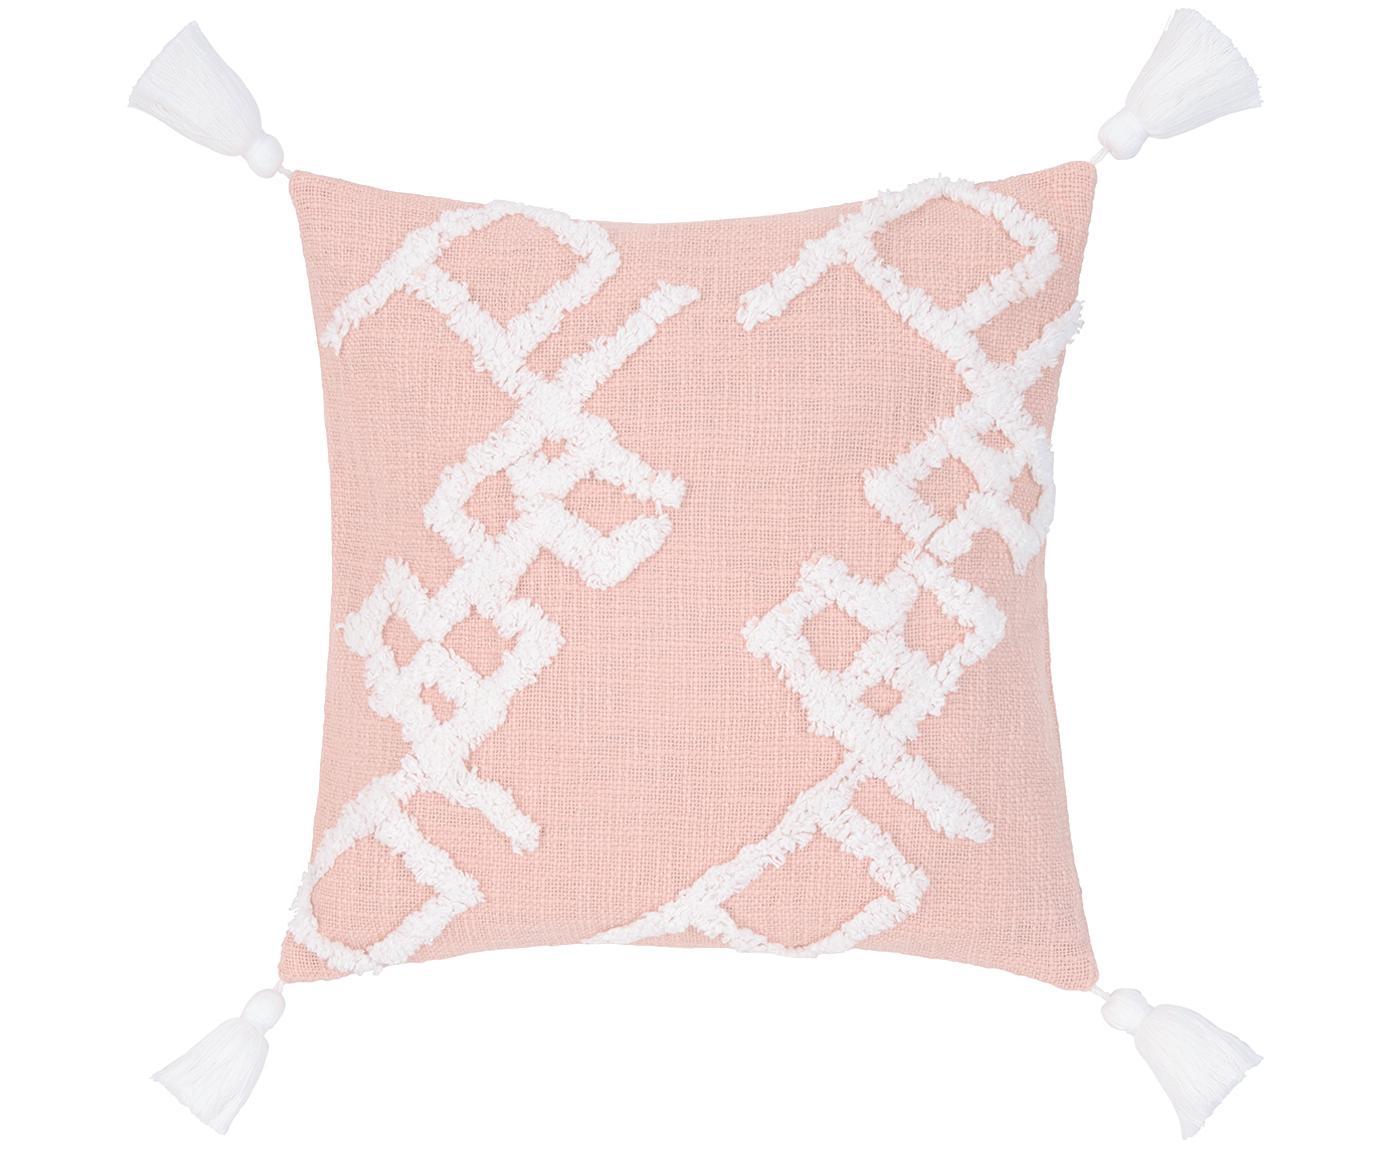 Poszewka na poduszkę z tuftowaną dekoracją Tikki, Bawełna, Brudny różowy, S 40 x D 40 cm